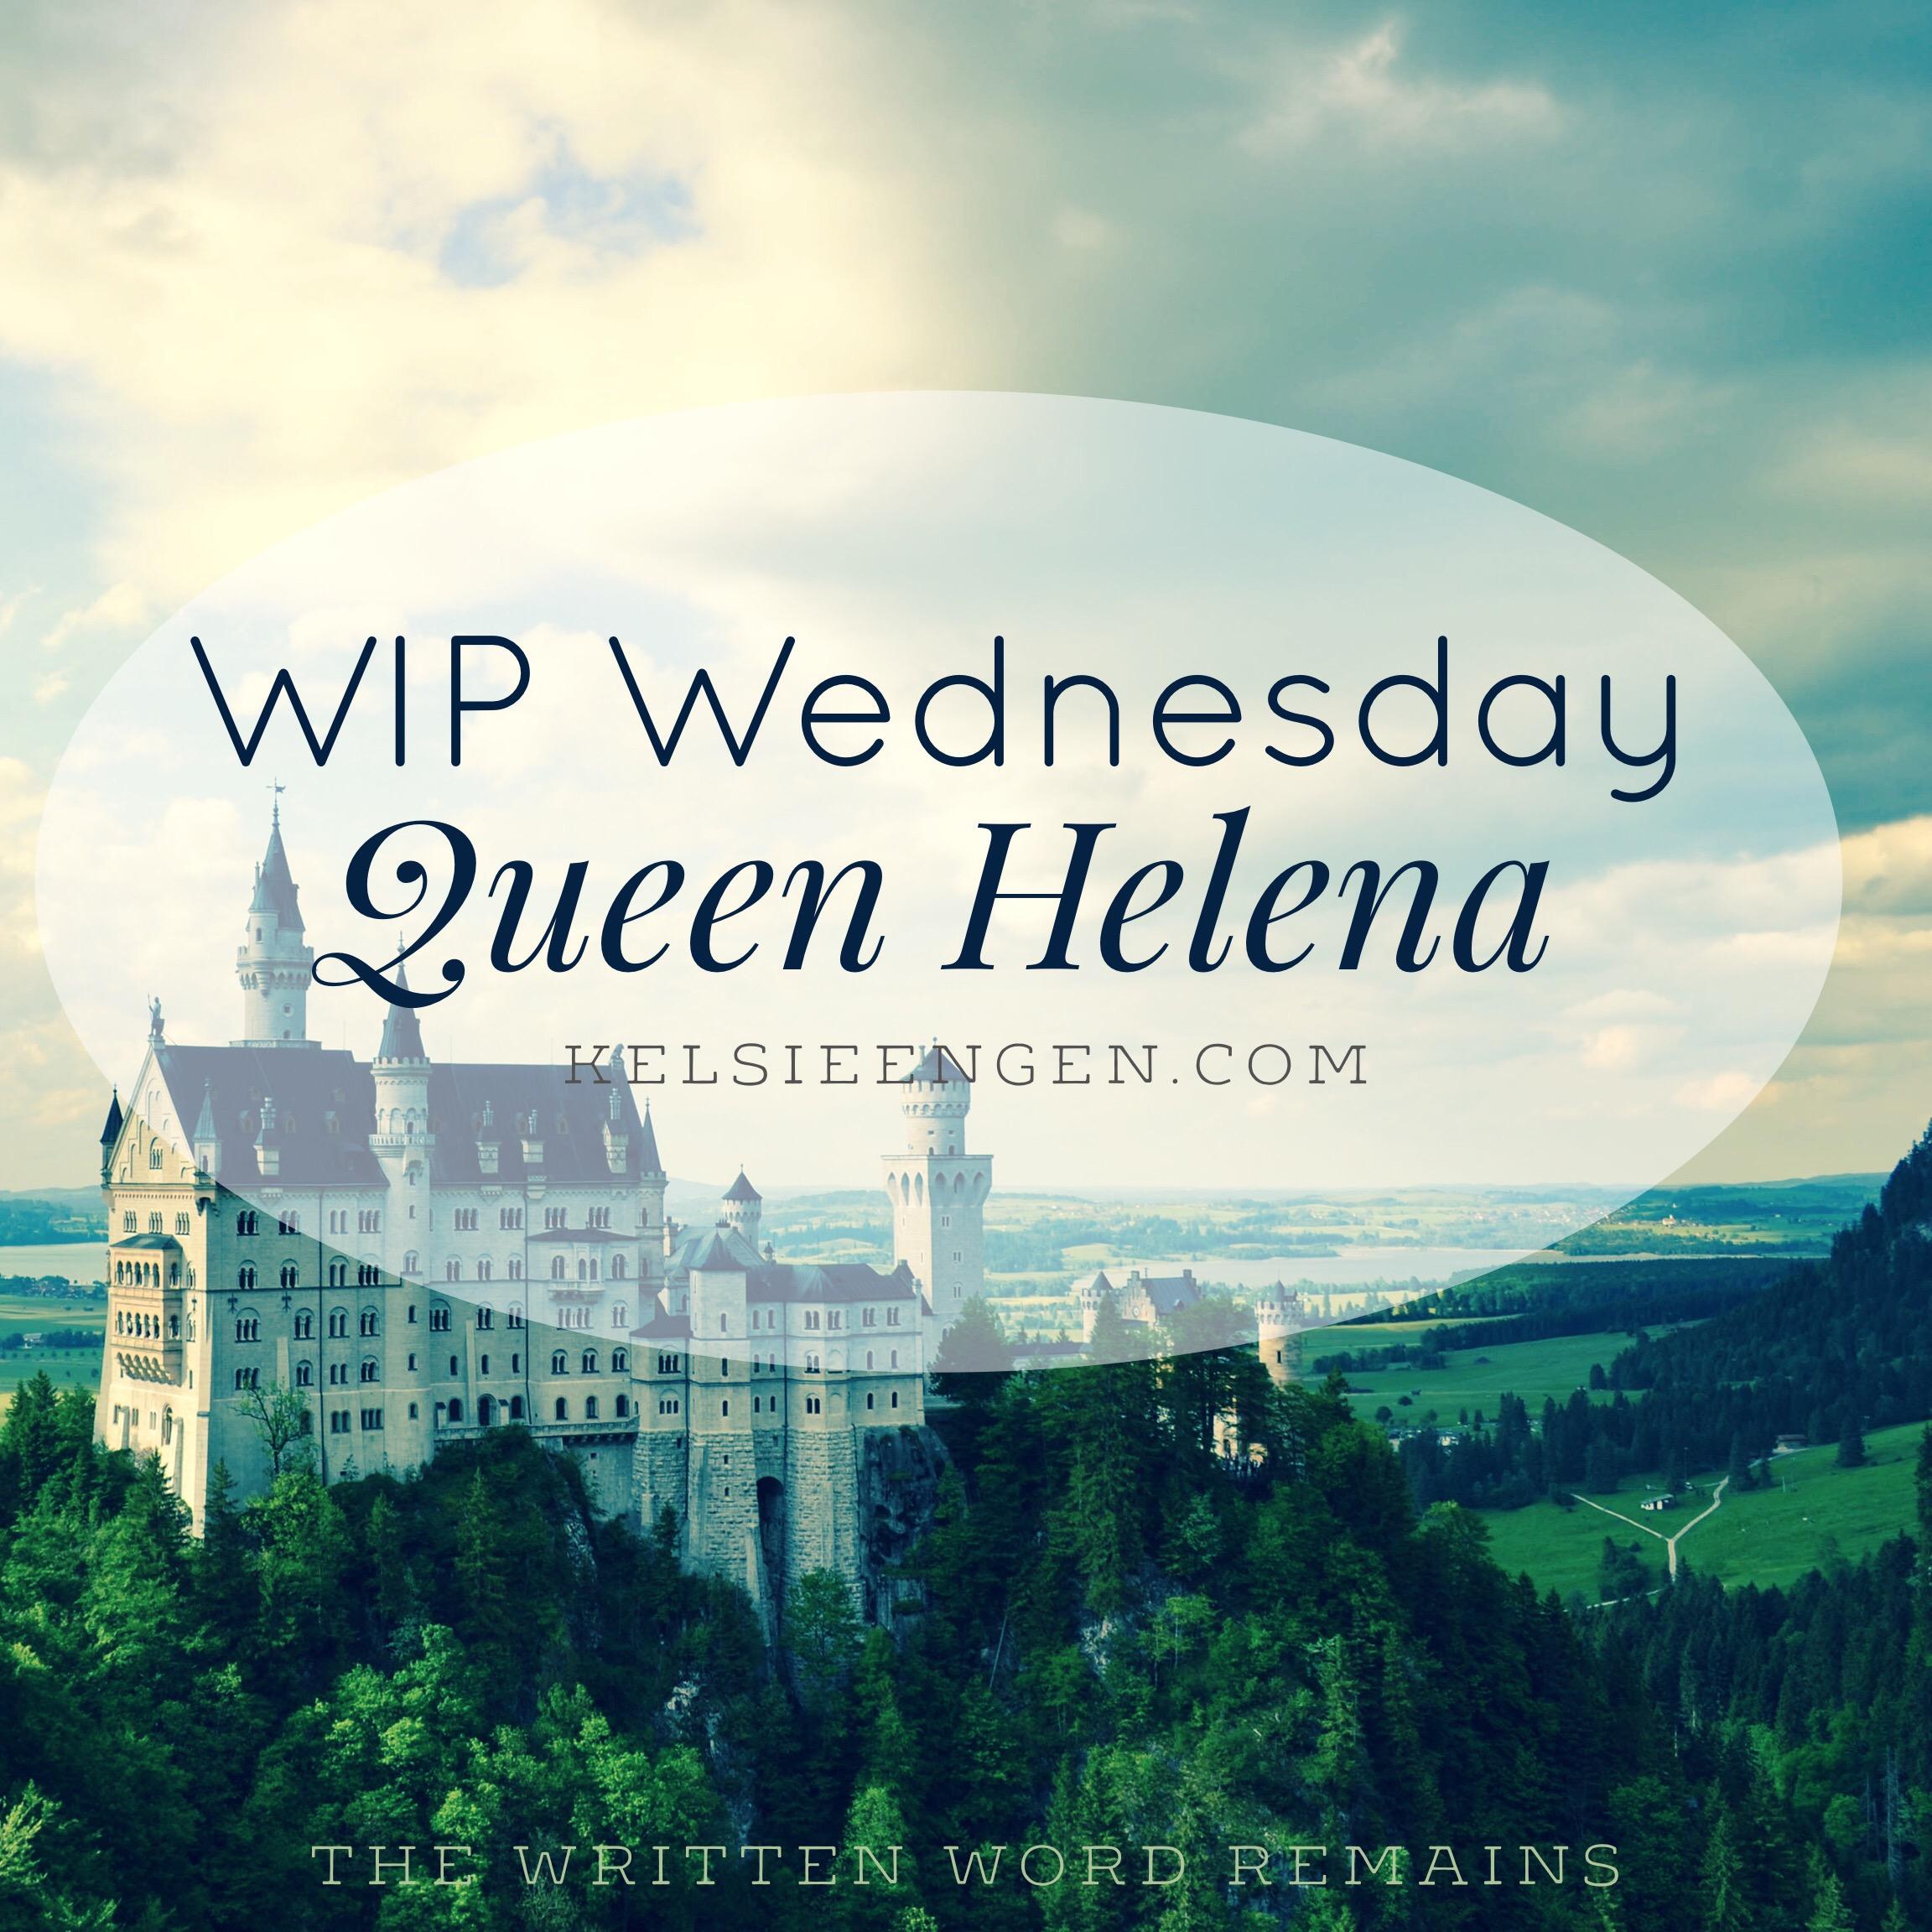 WIP Wednesday: Queen Helena